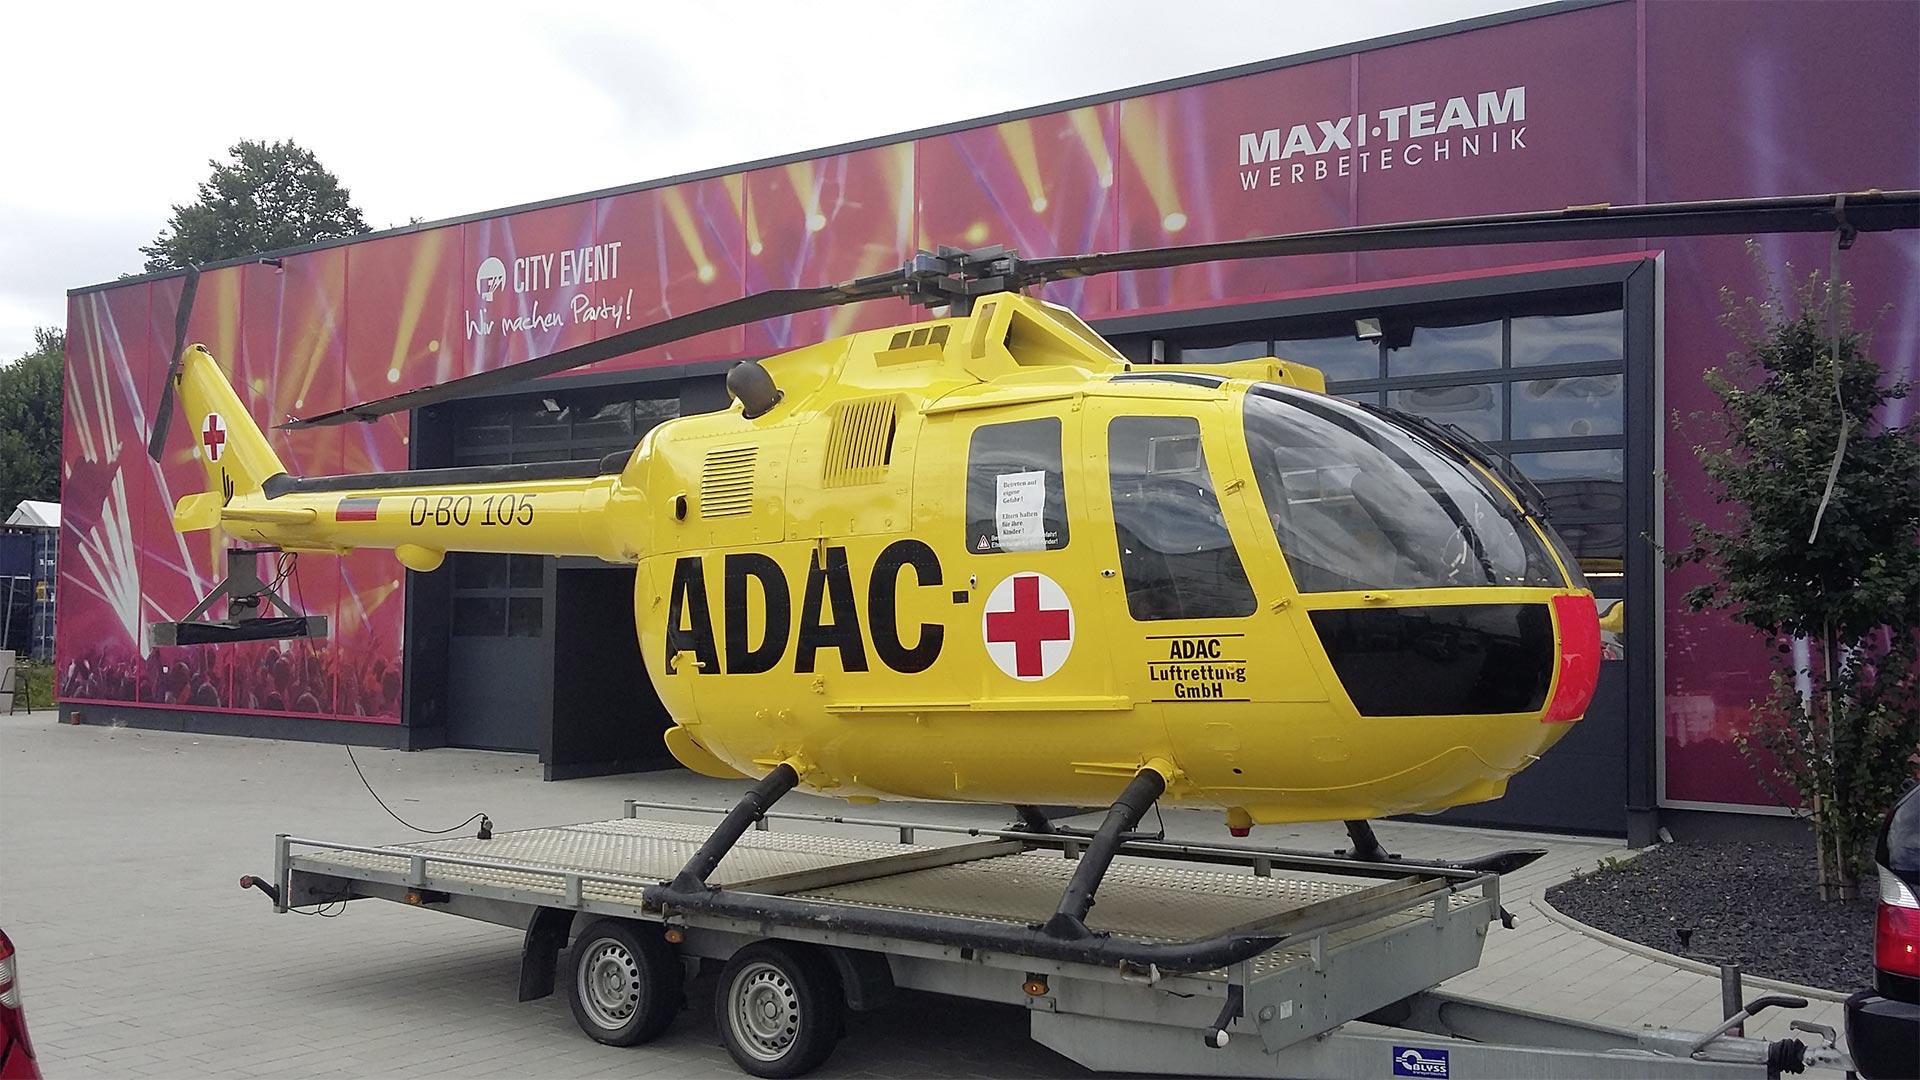 ADAC Hubschrauber Folierung